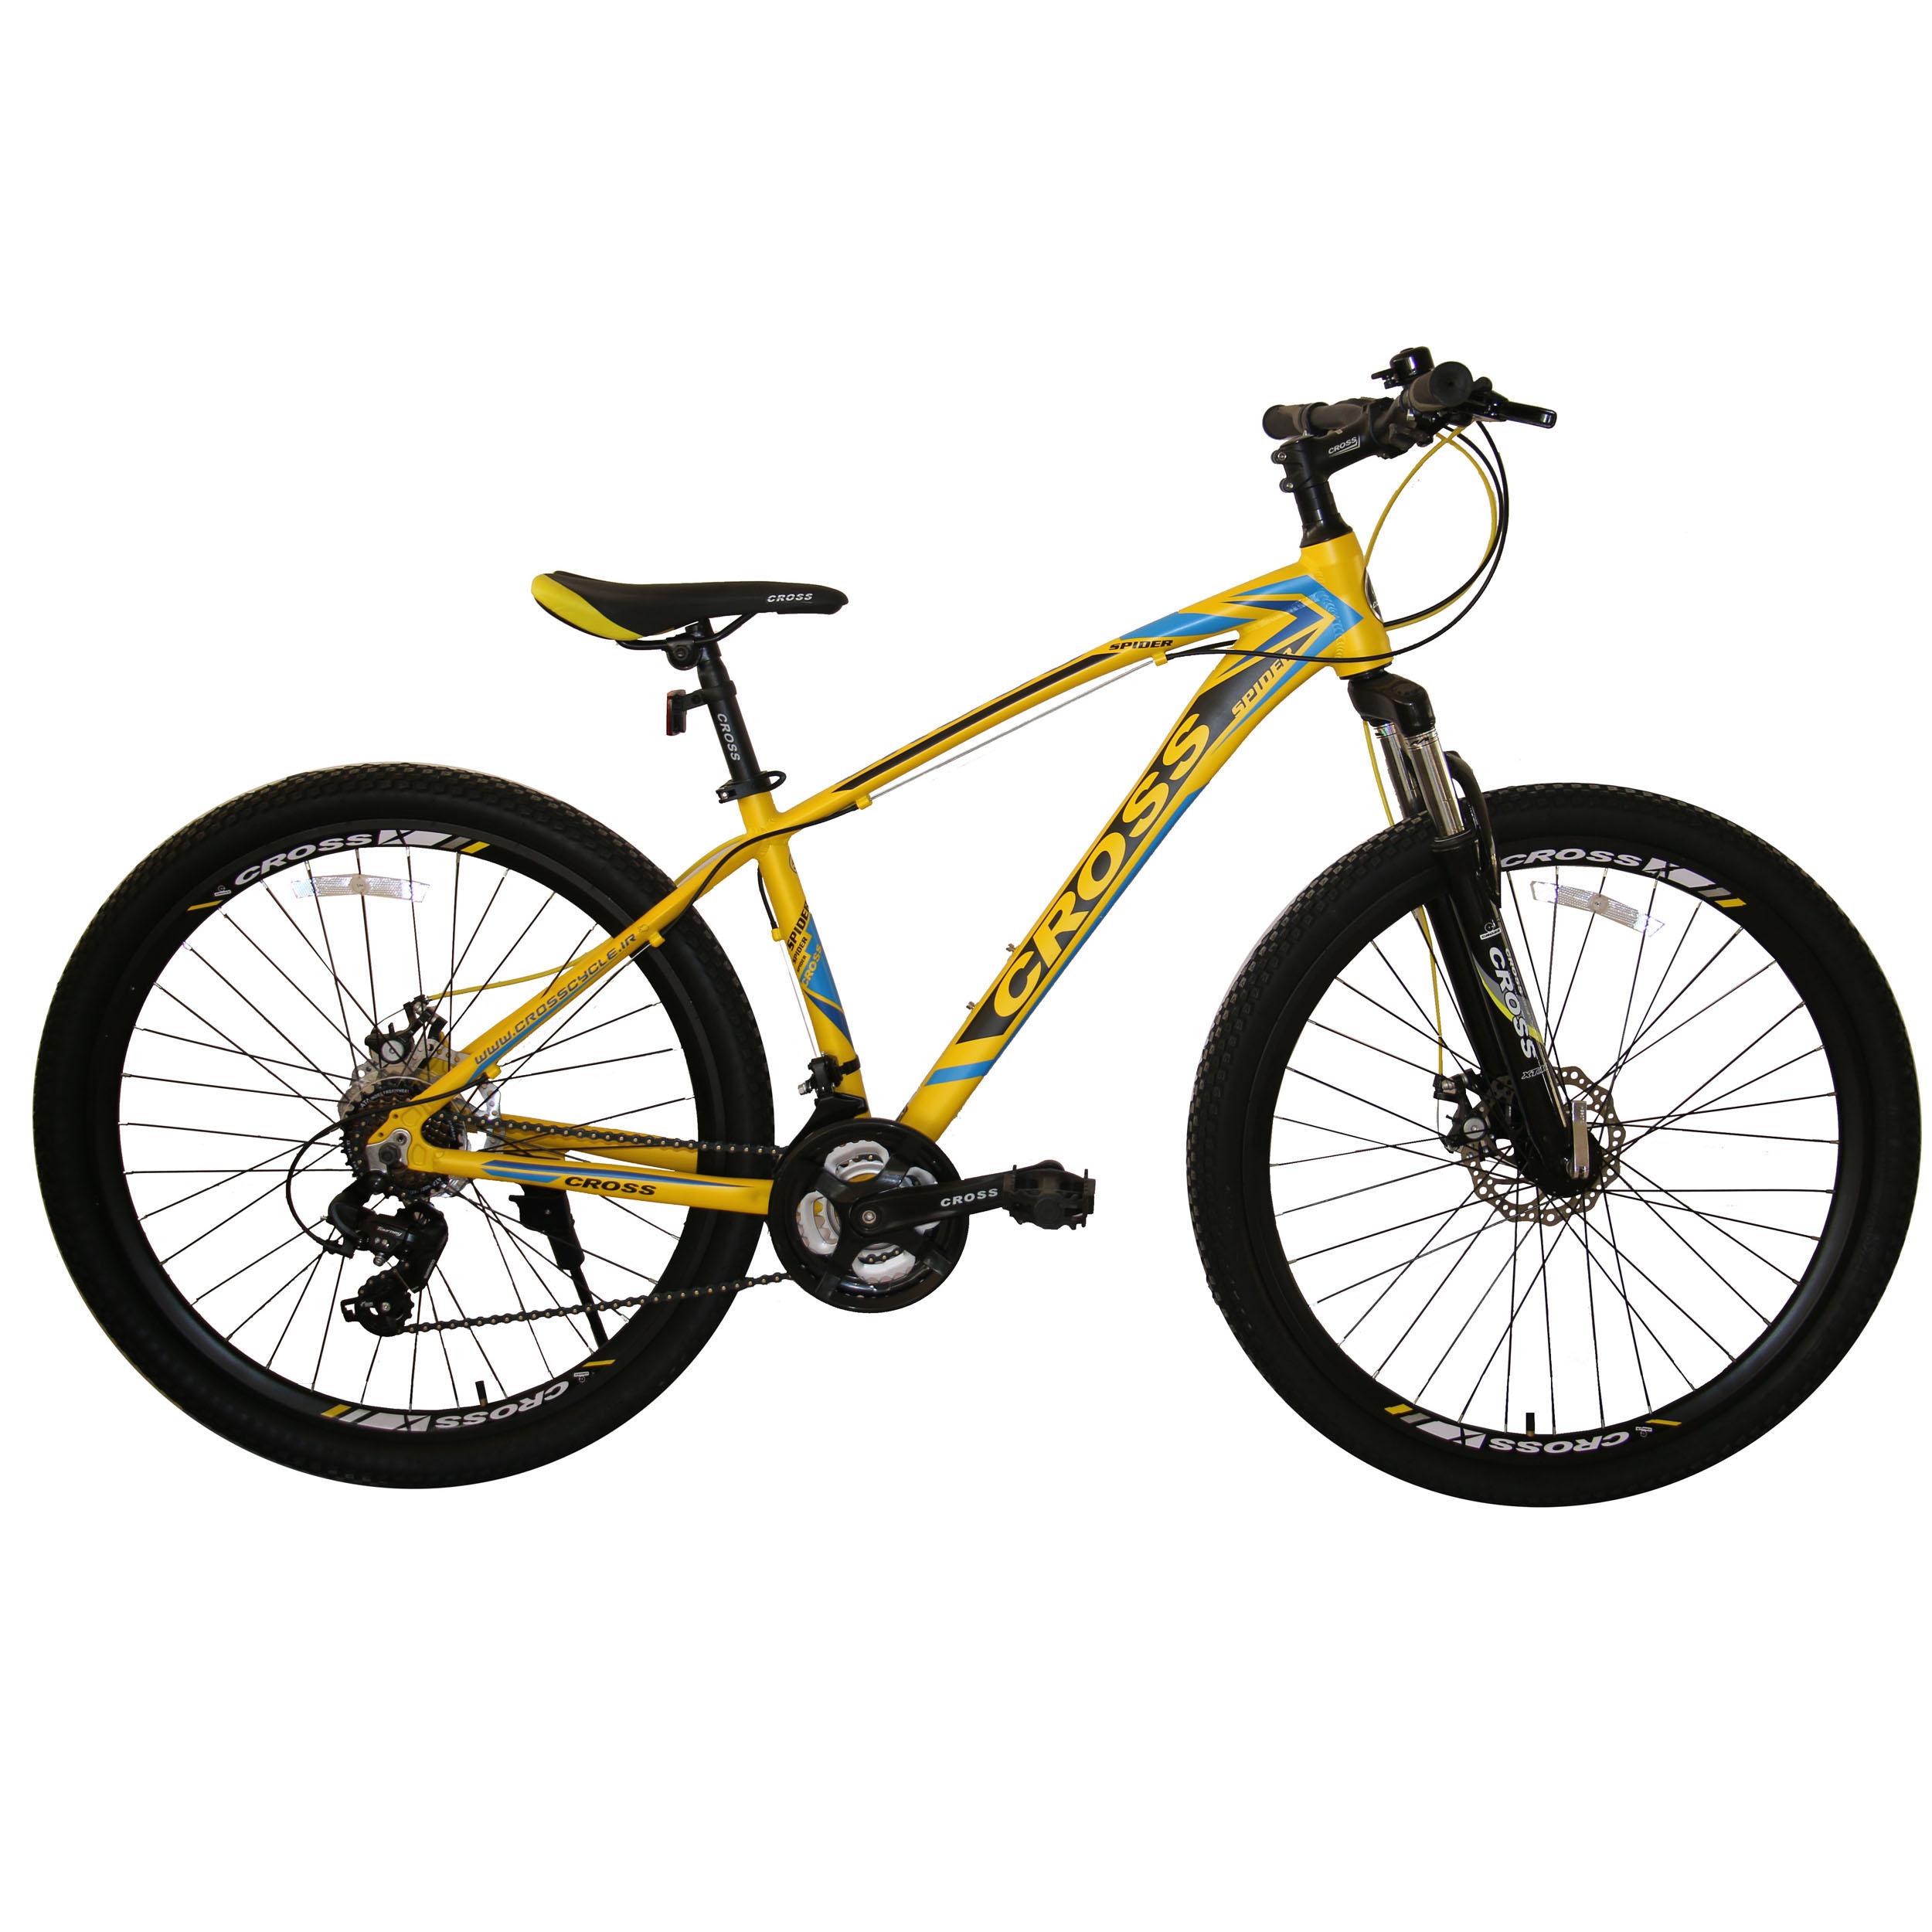 دوچرخه کوهستان کراس مدل Spider سایز 26